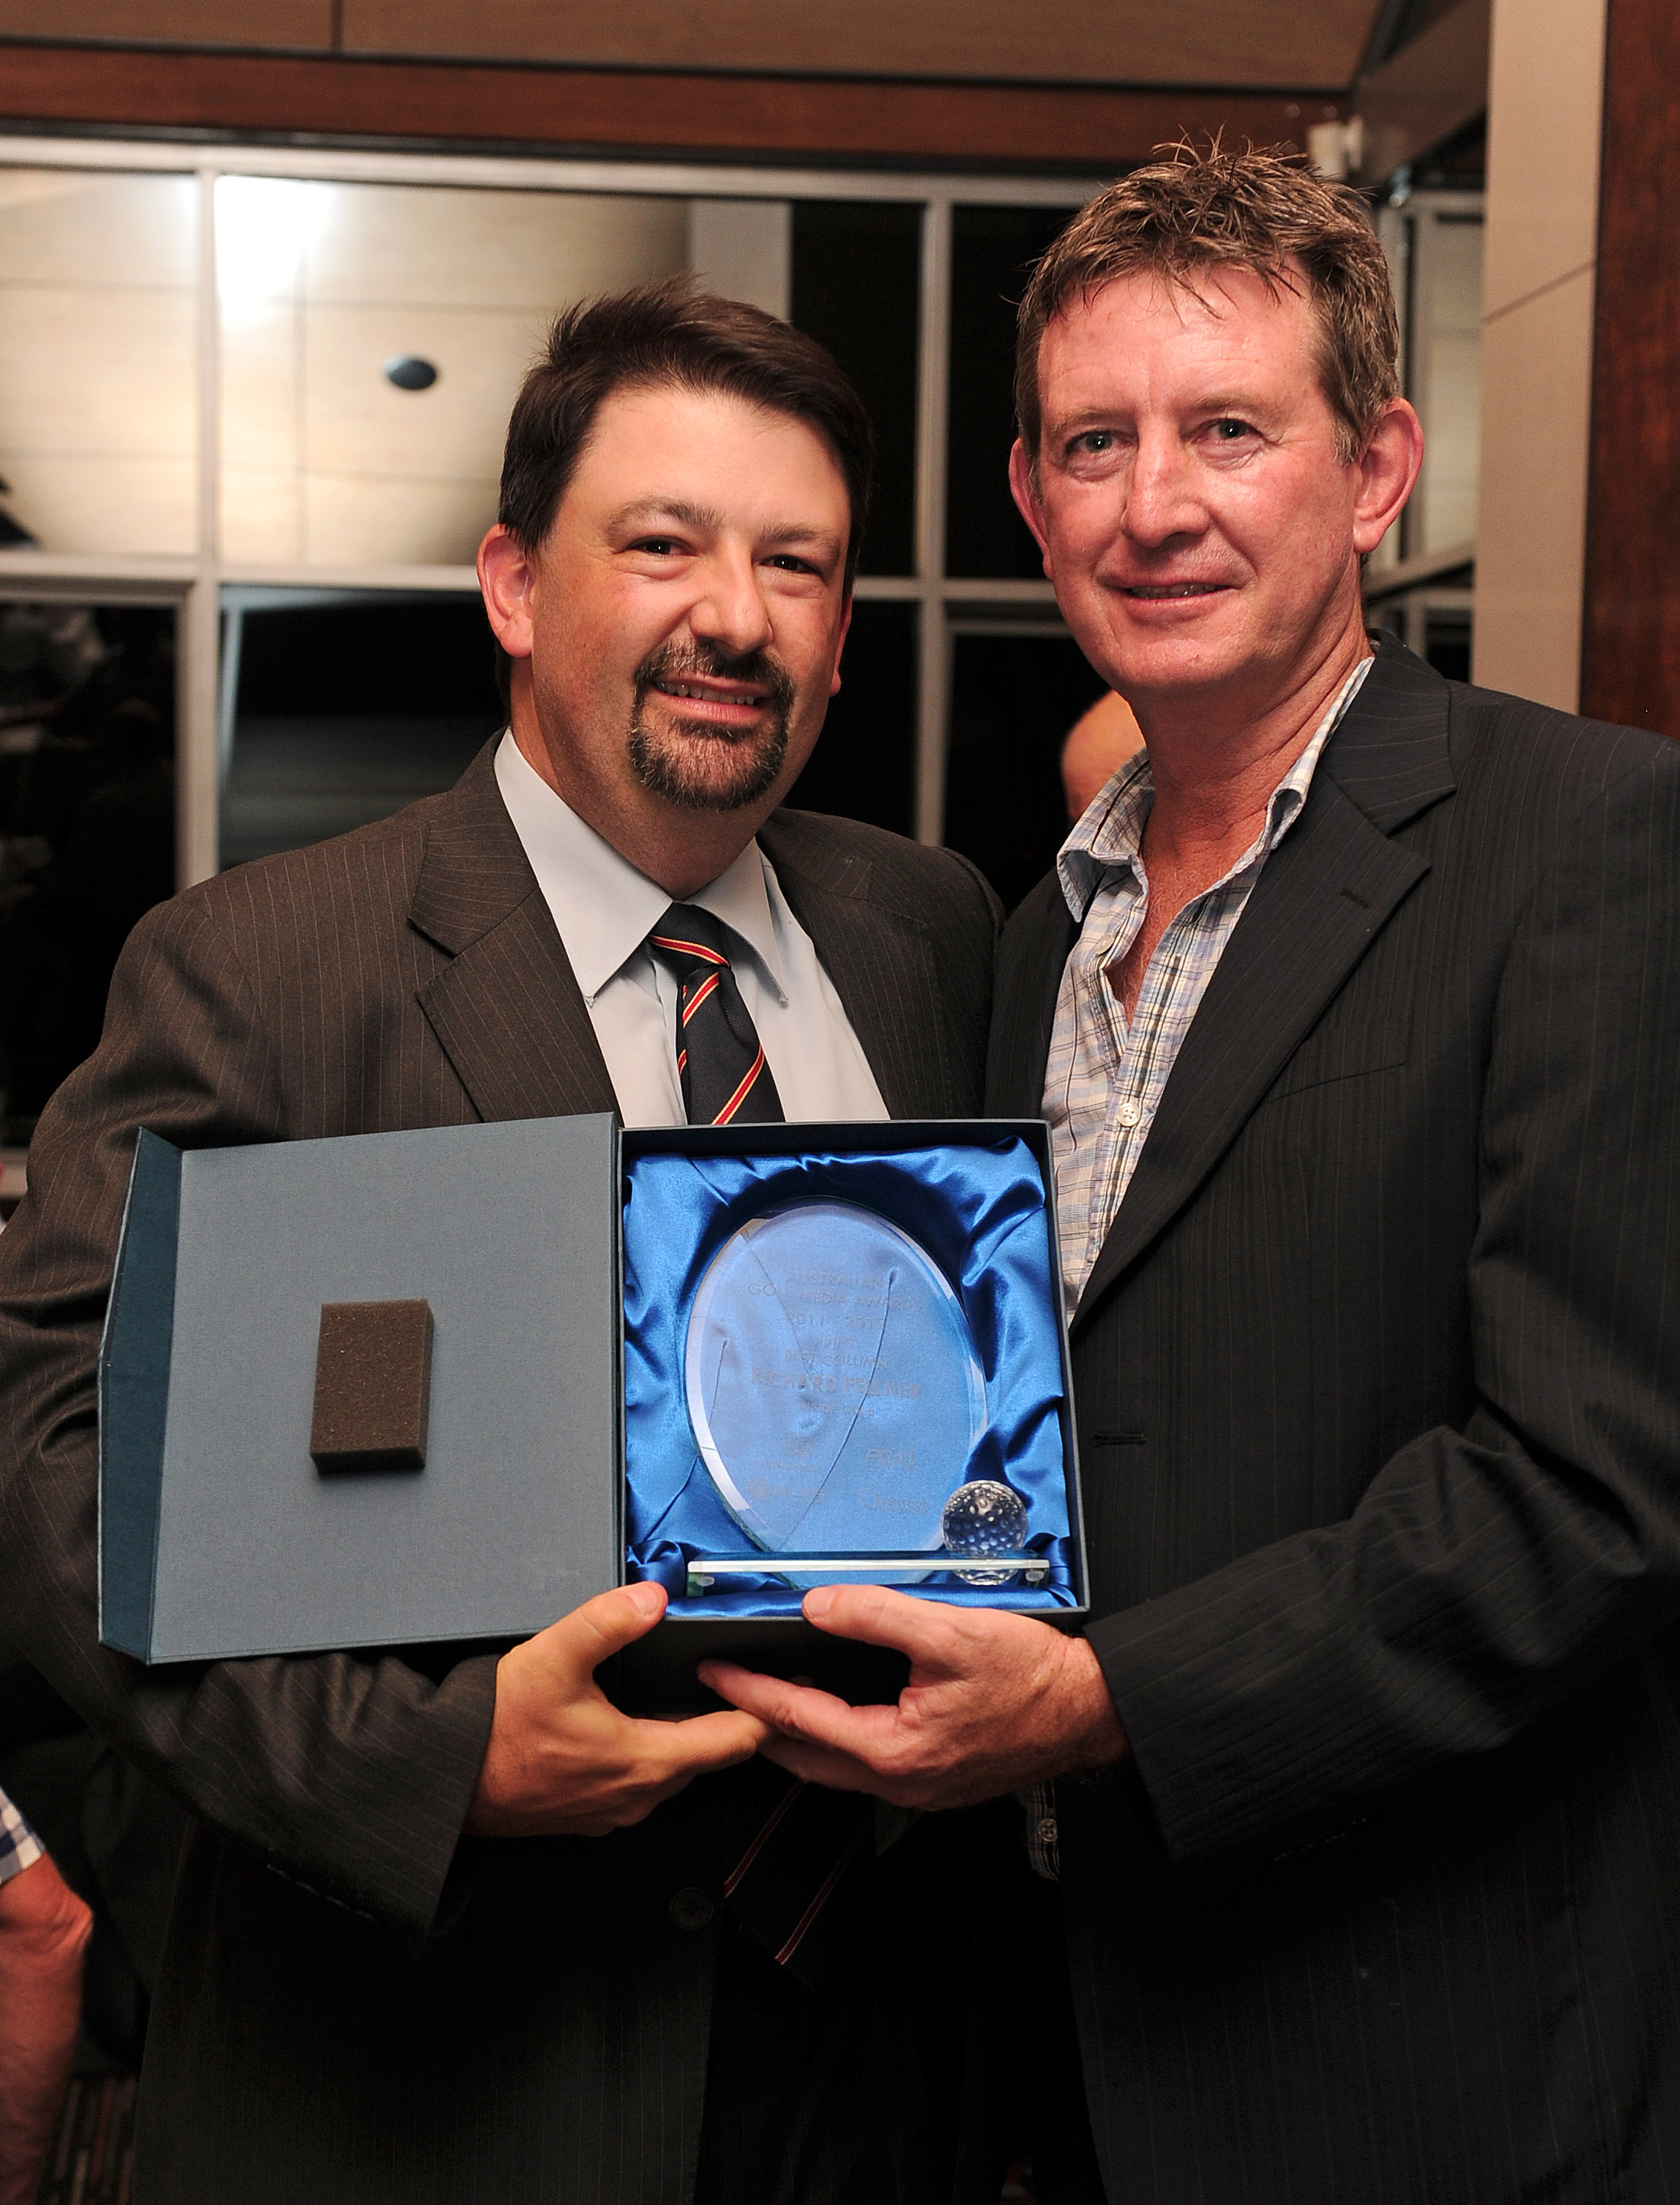 Inside Golf editor wins esteemed Golf Media Award